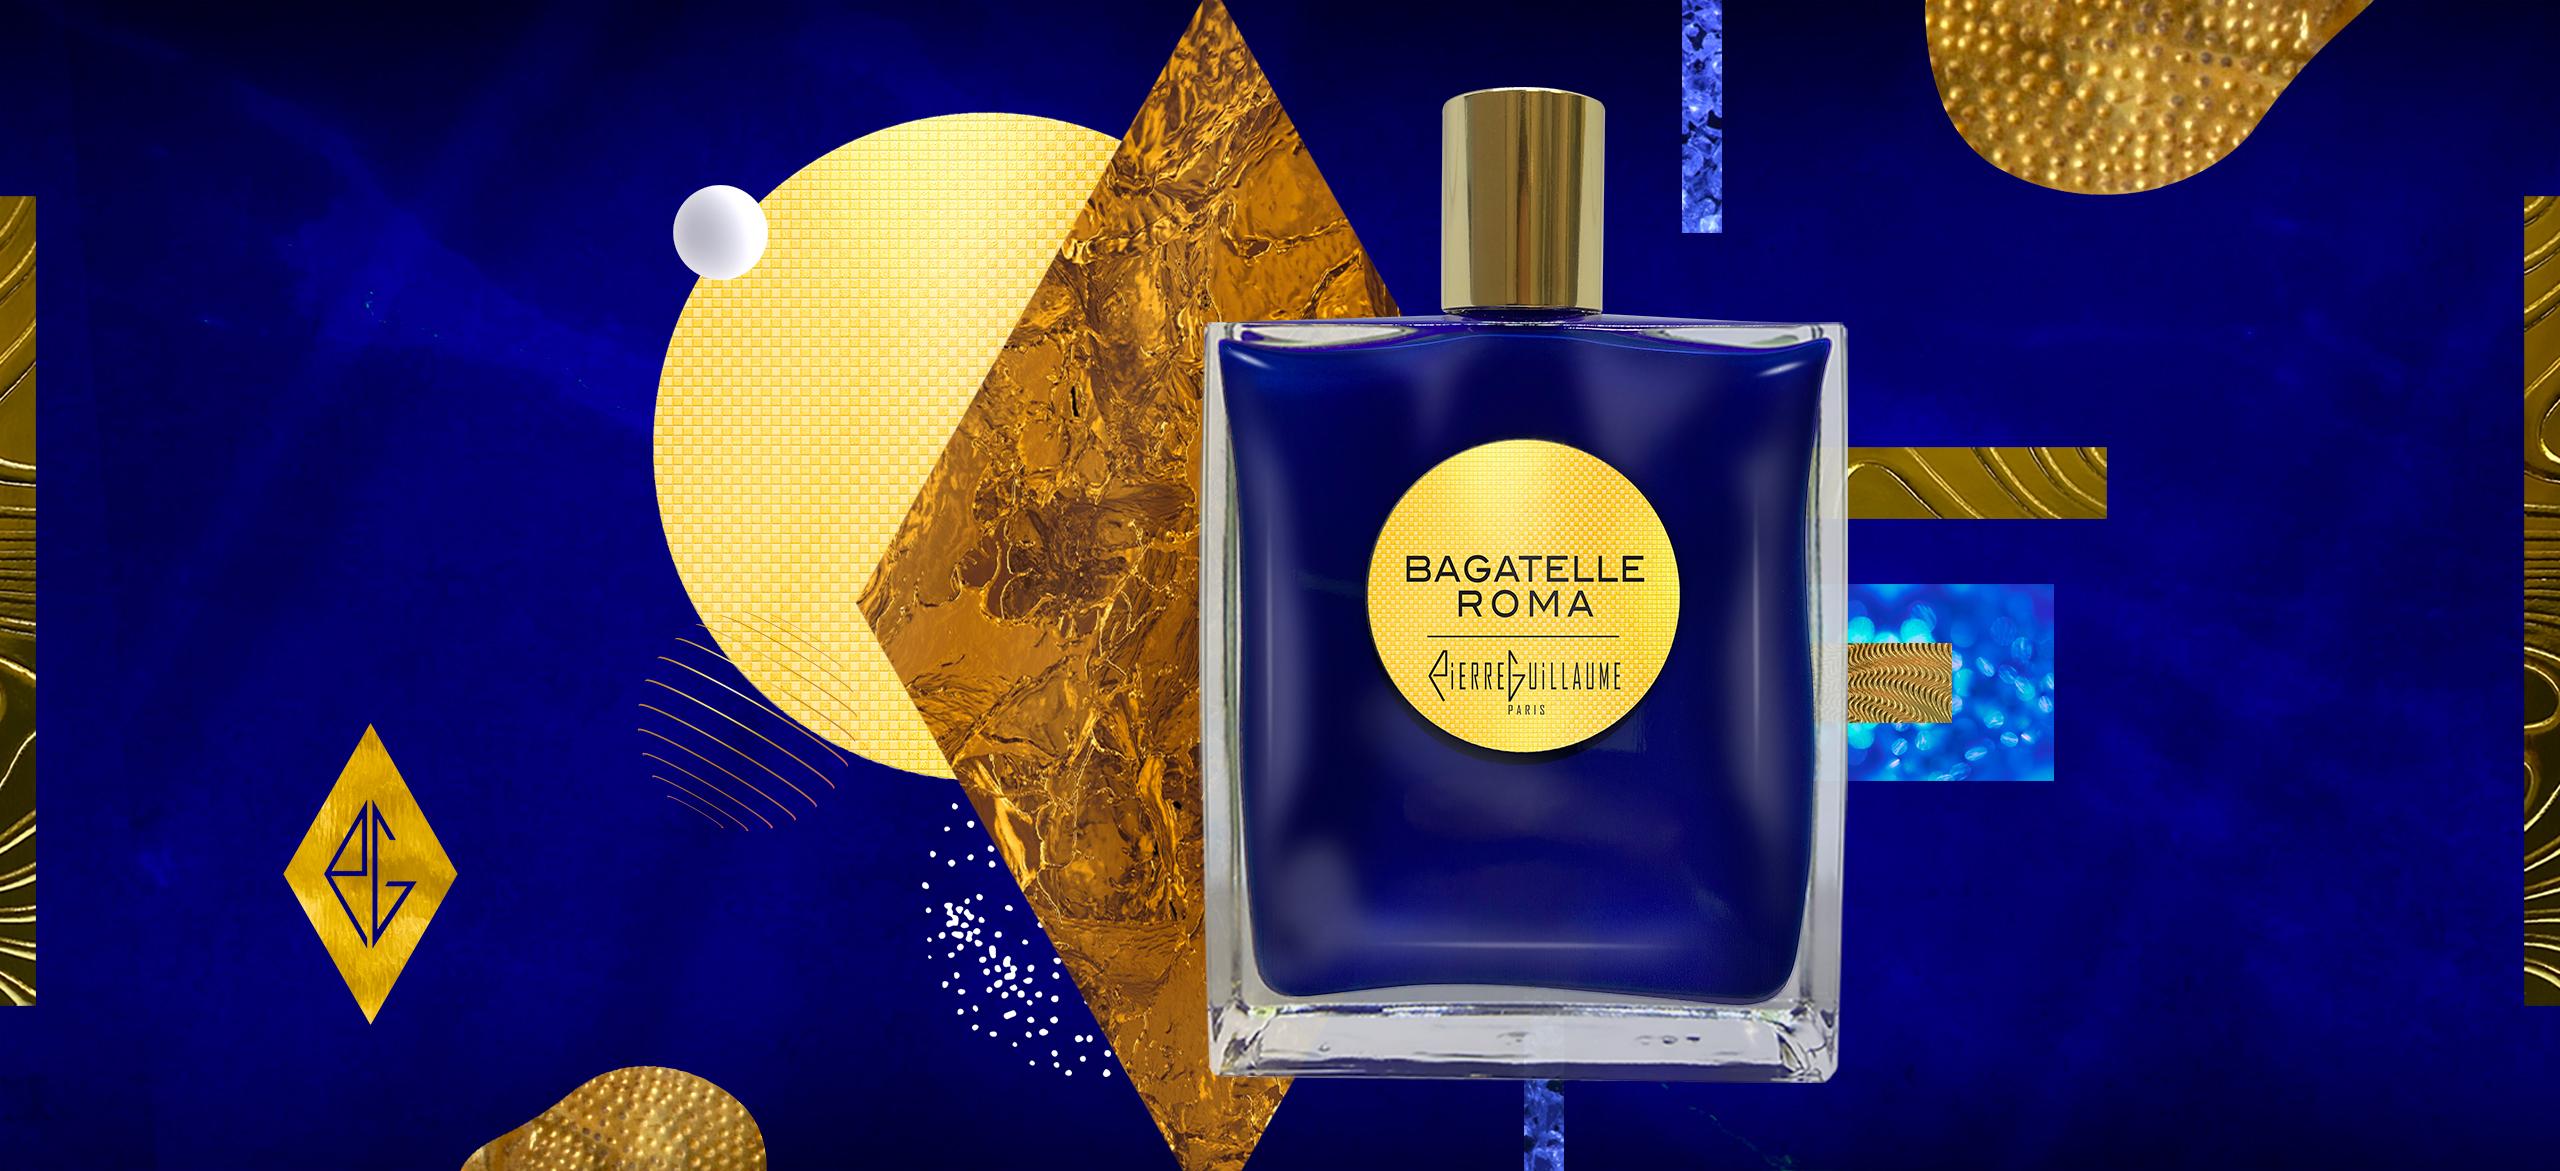 Pierre Guillaume contemplation, gamme de parfums, Haute Parfumerie